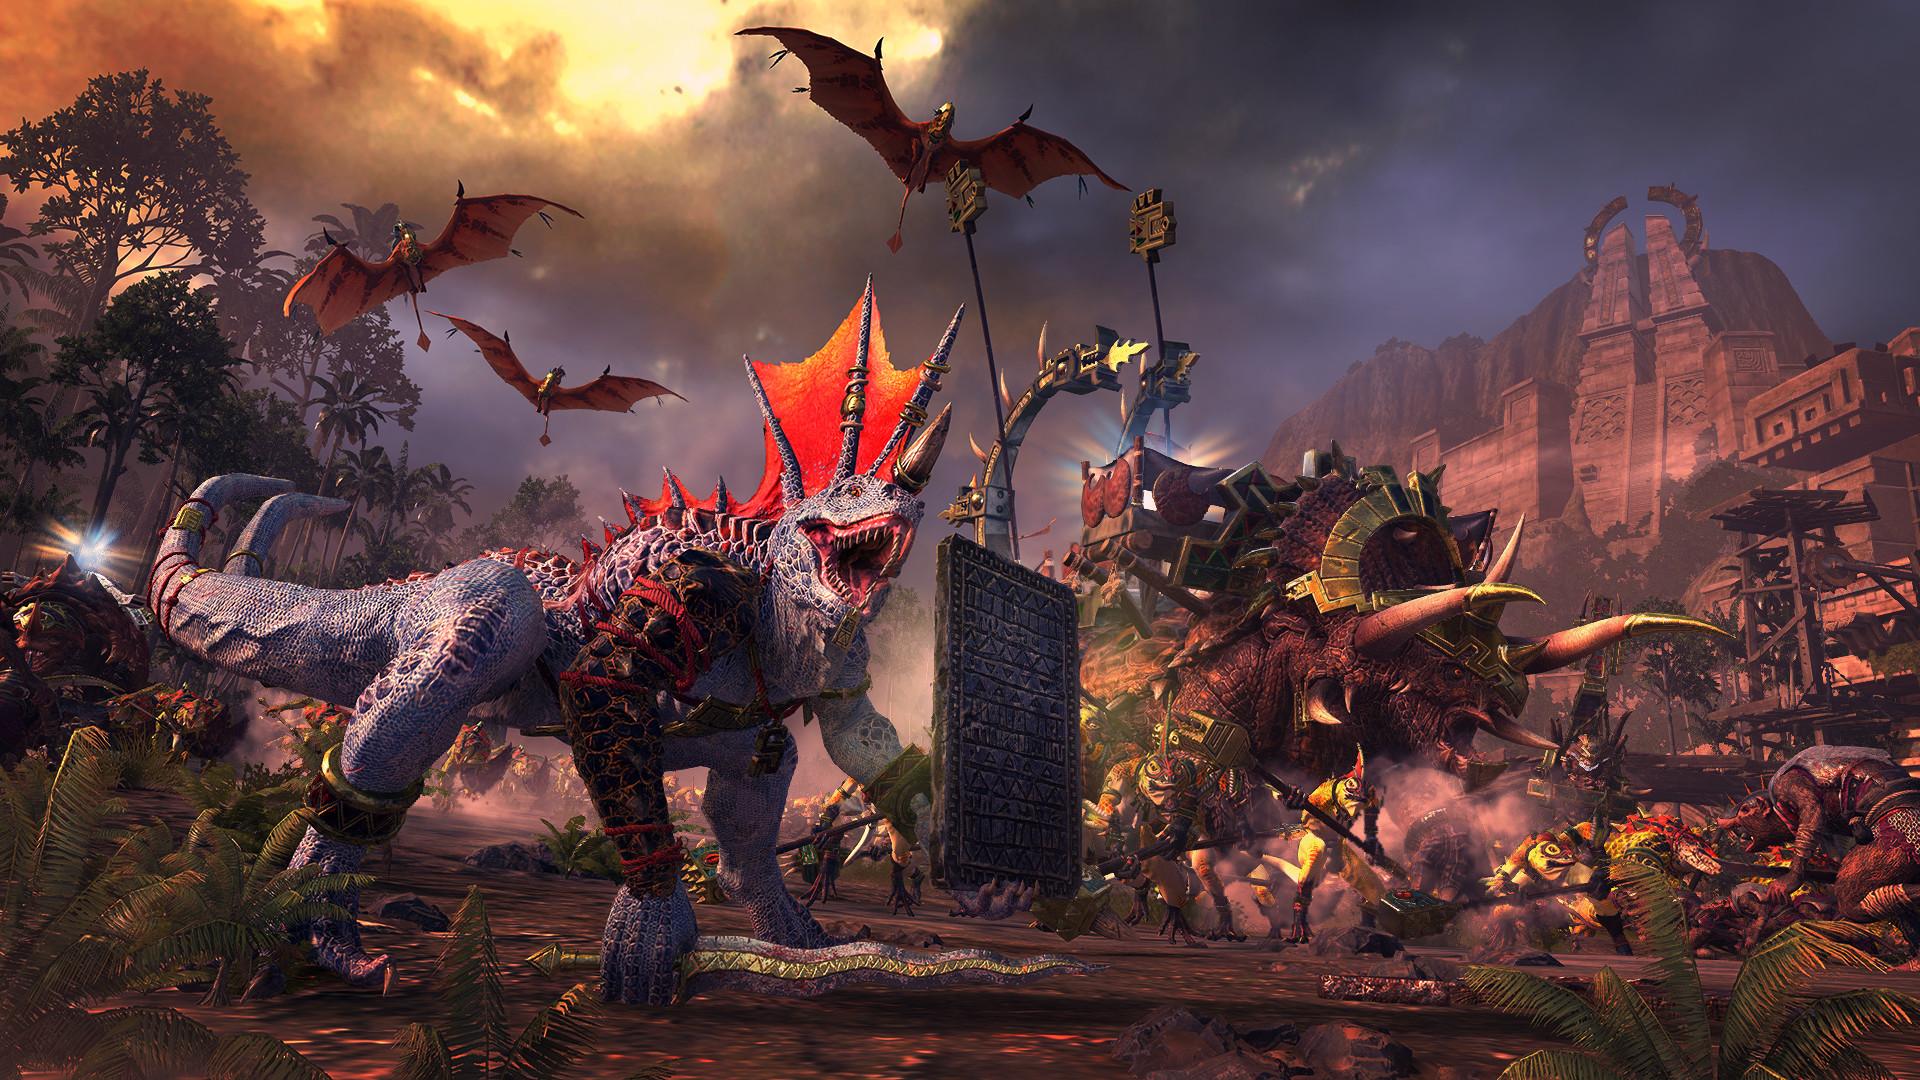 战锤世界永远核平,这是PC上目前最好的战争模拟游戏 新游酱每日游戏推荐